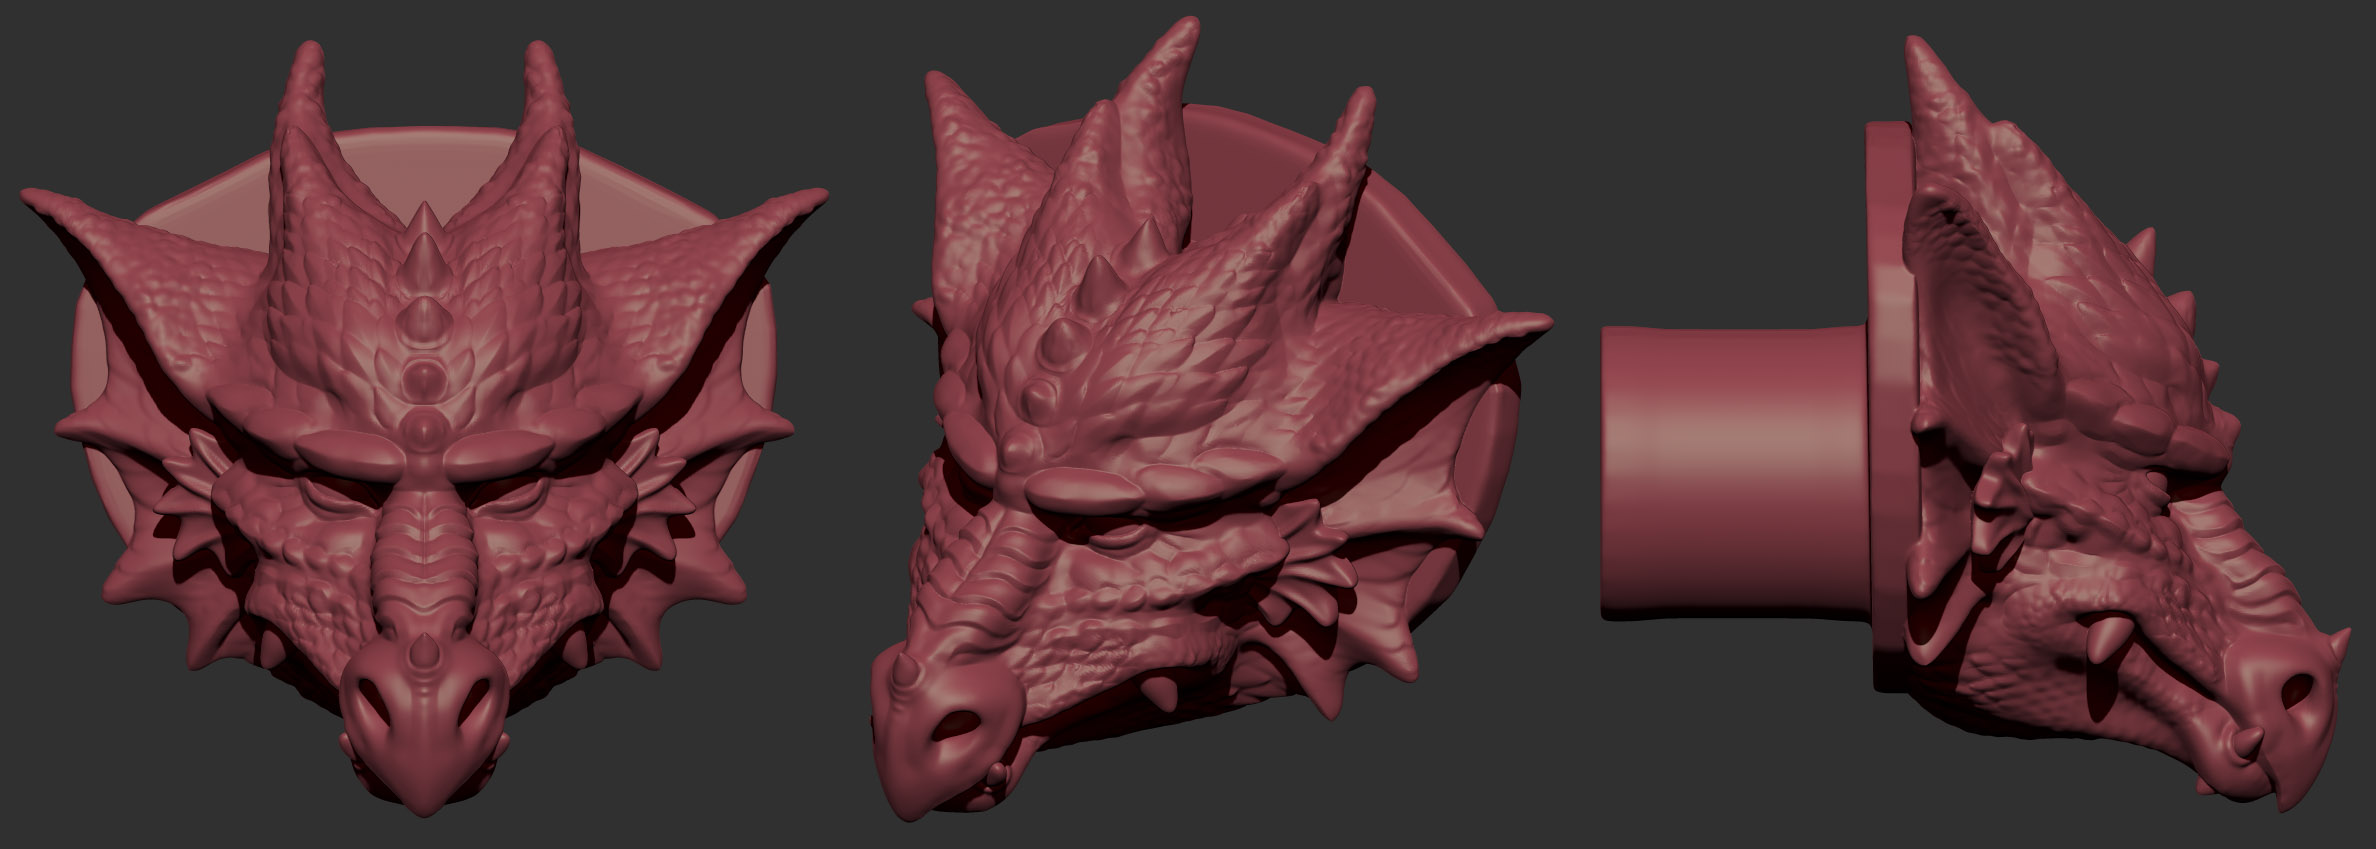 Dragon Head Doorknob Design